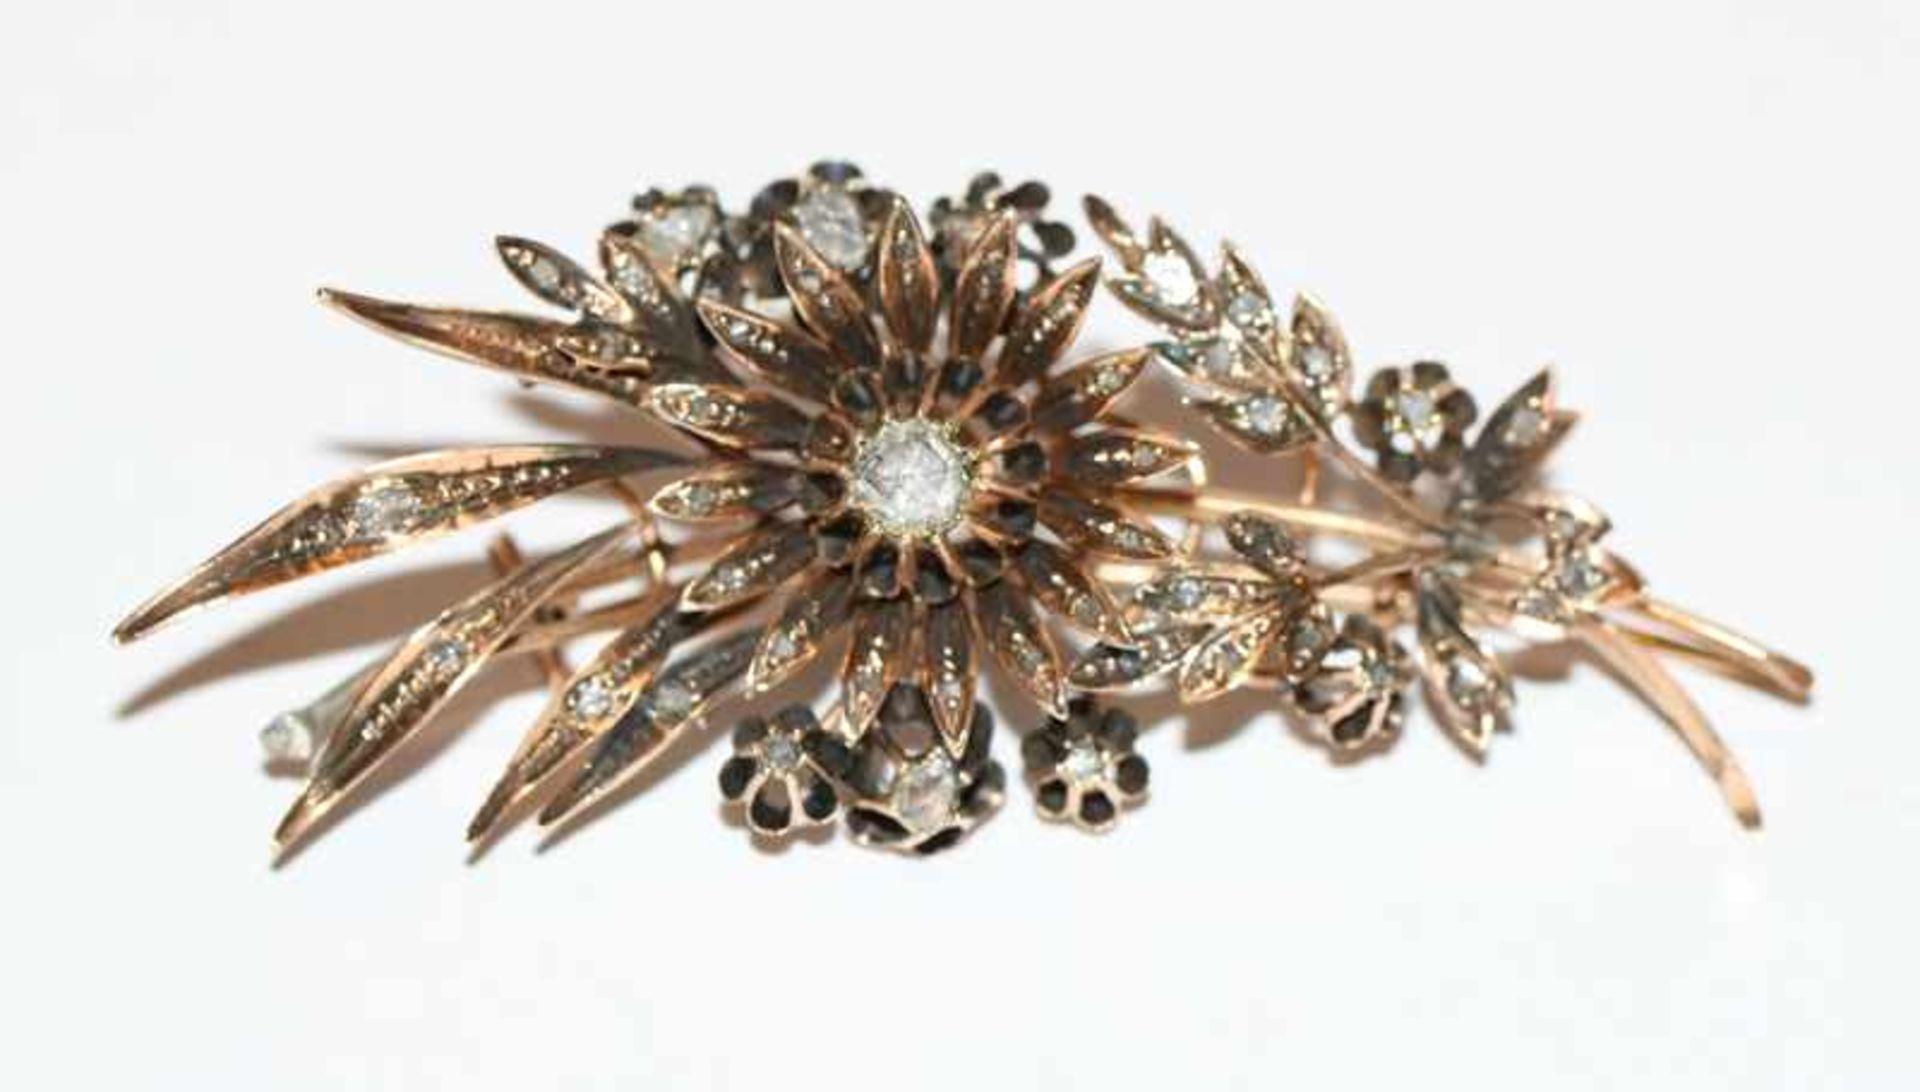 Dekorative 14 k Gelbgold Brosche mit ca. 1 ct. Diamanten in Blütenform,, B 7,5 cm, sehr schöne